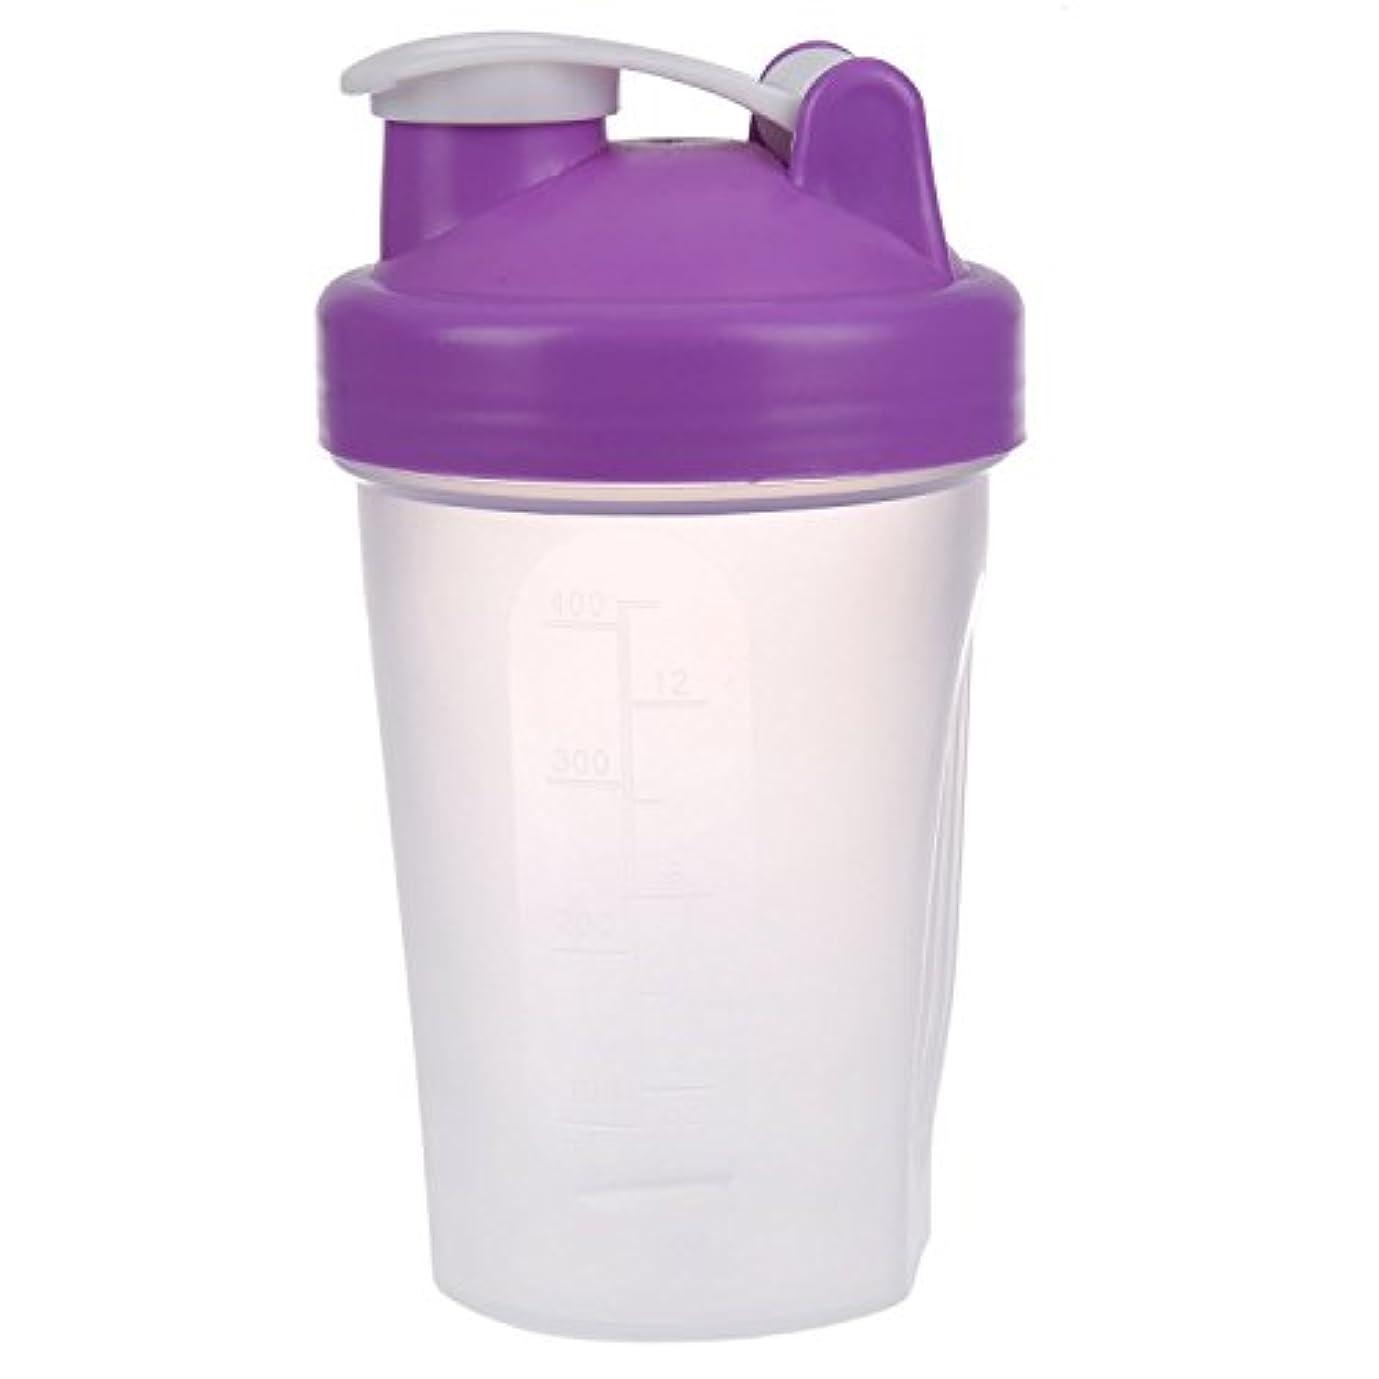 大洪水以降調和のとれたTOOGOO スマートシェイク ジムプロテインシェーカー ミキサーカップミキサーボトル 紫